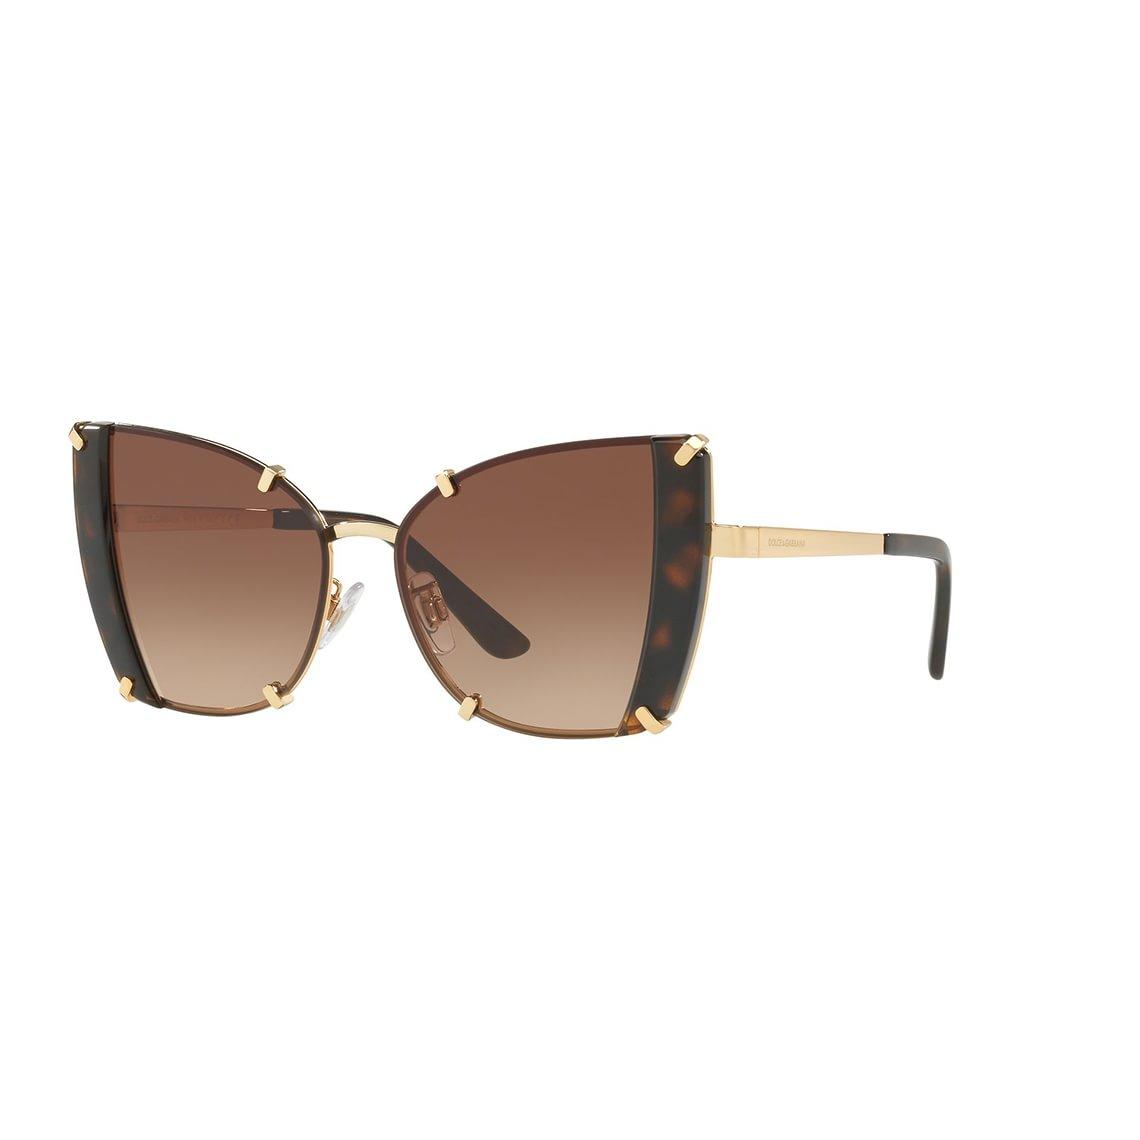 Dolce & Gabbana 0DG2214 53 02/13